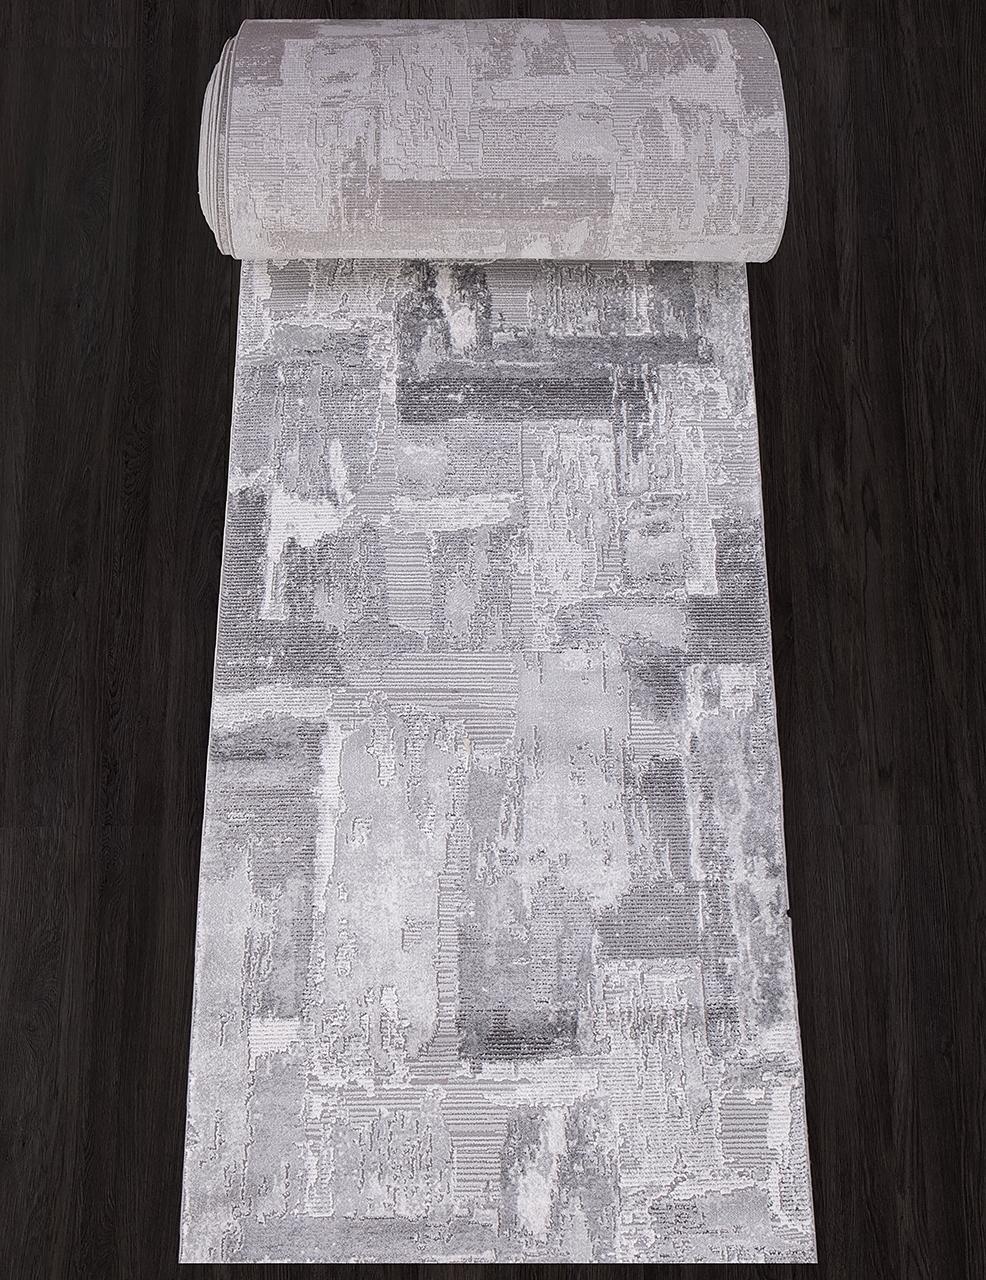 Ковровая дорожка 03758A - GREY / GREY - коллекция ARMINA - фото 1